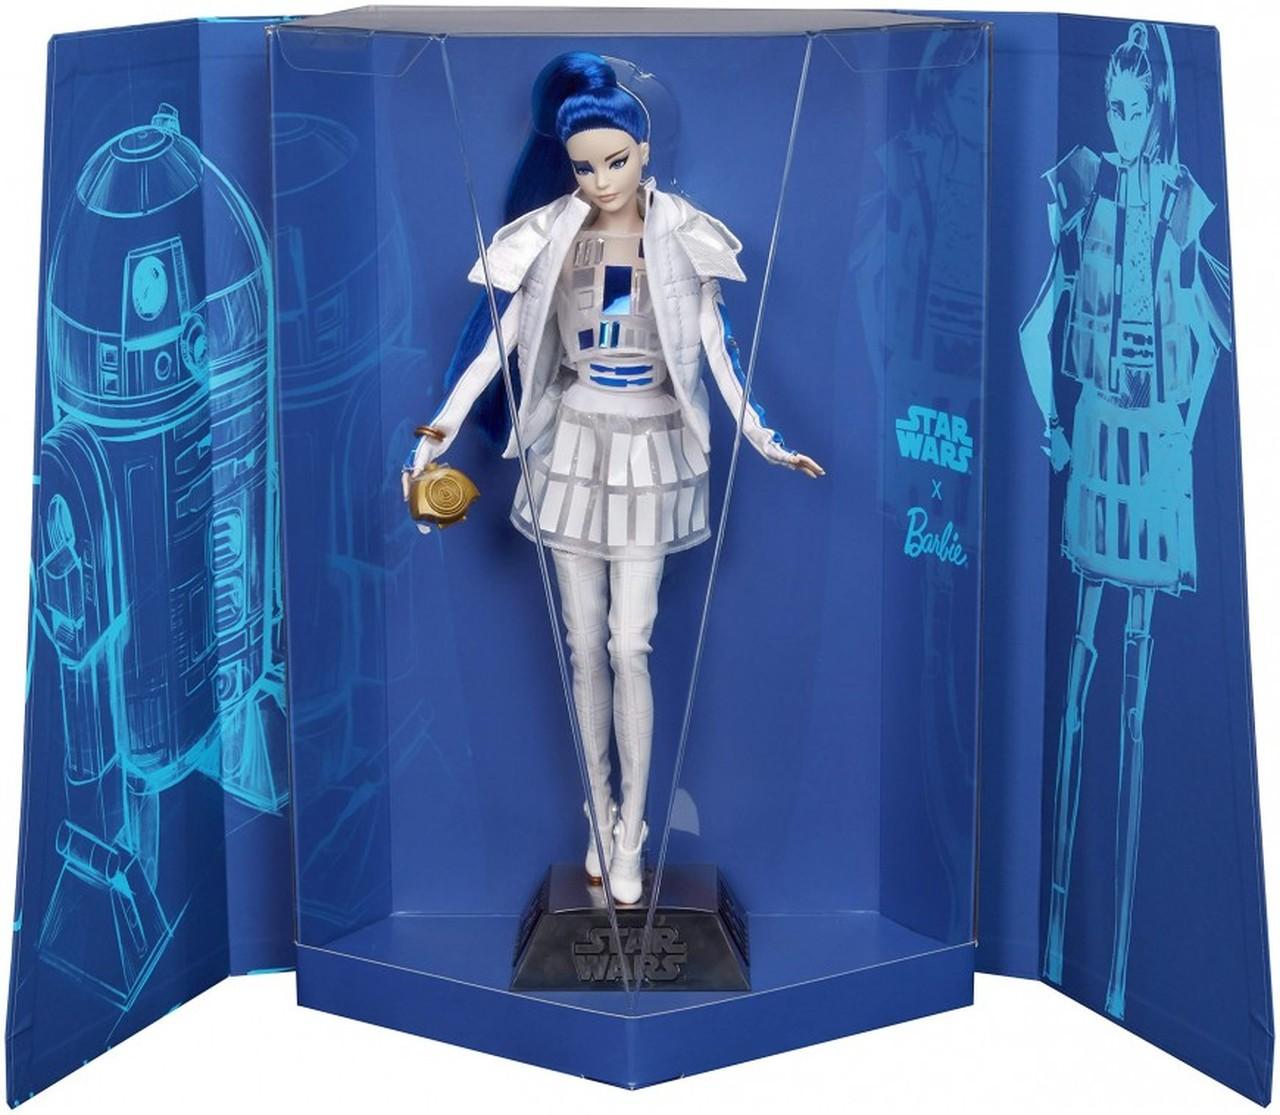 R2-D2 est bien représenté sous les traits de Barbie R2-D2!